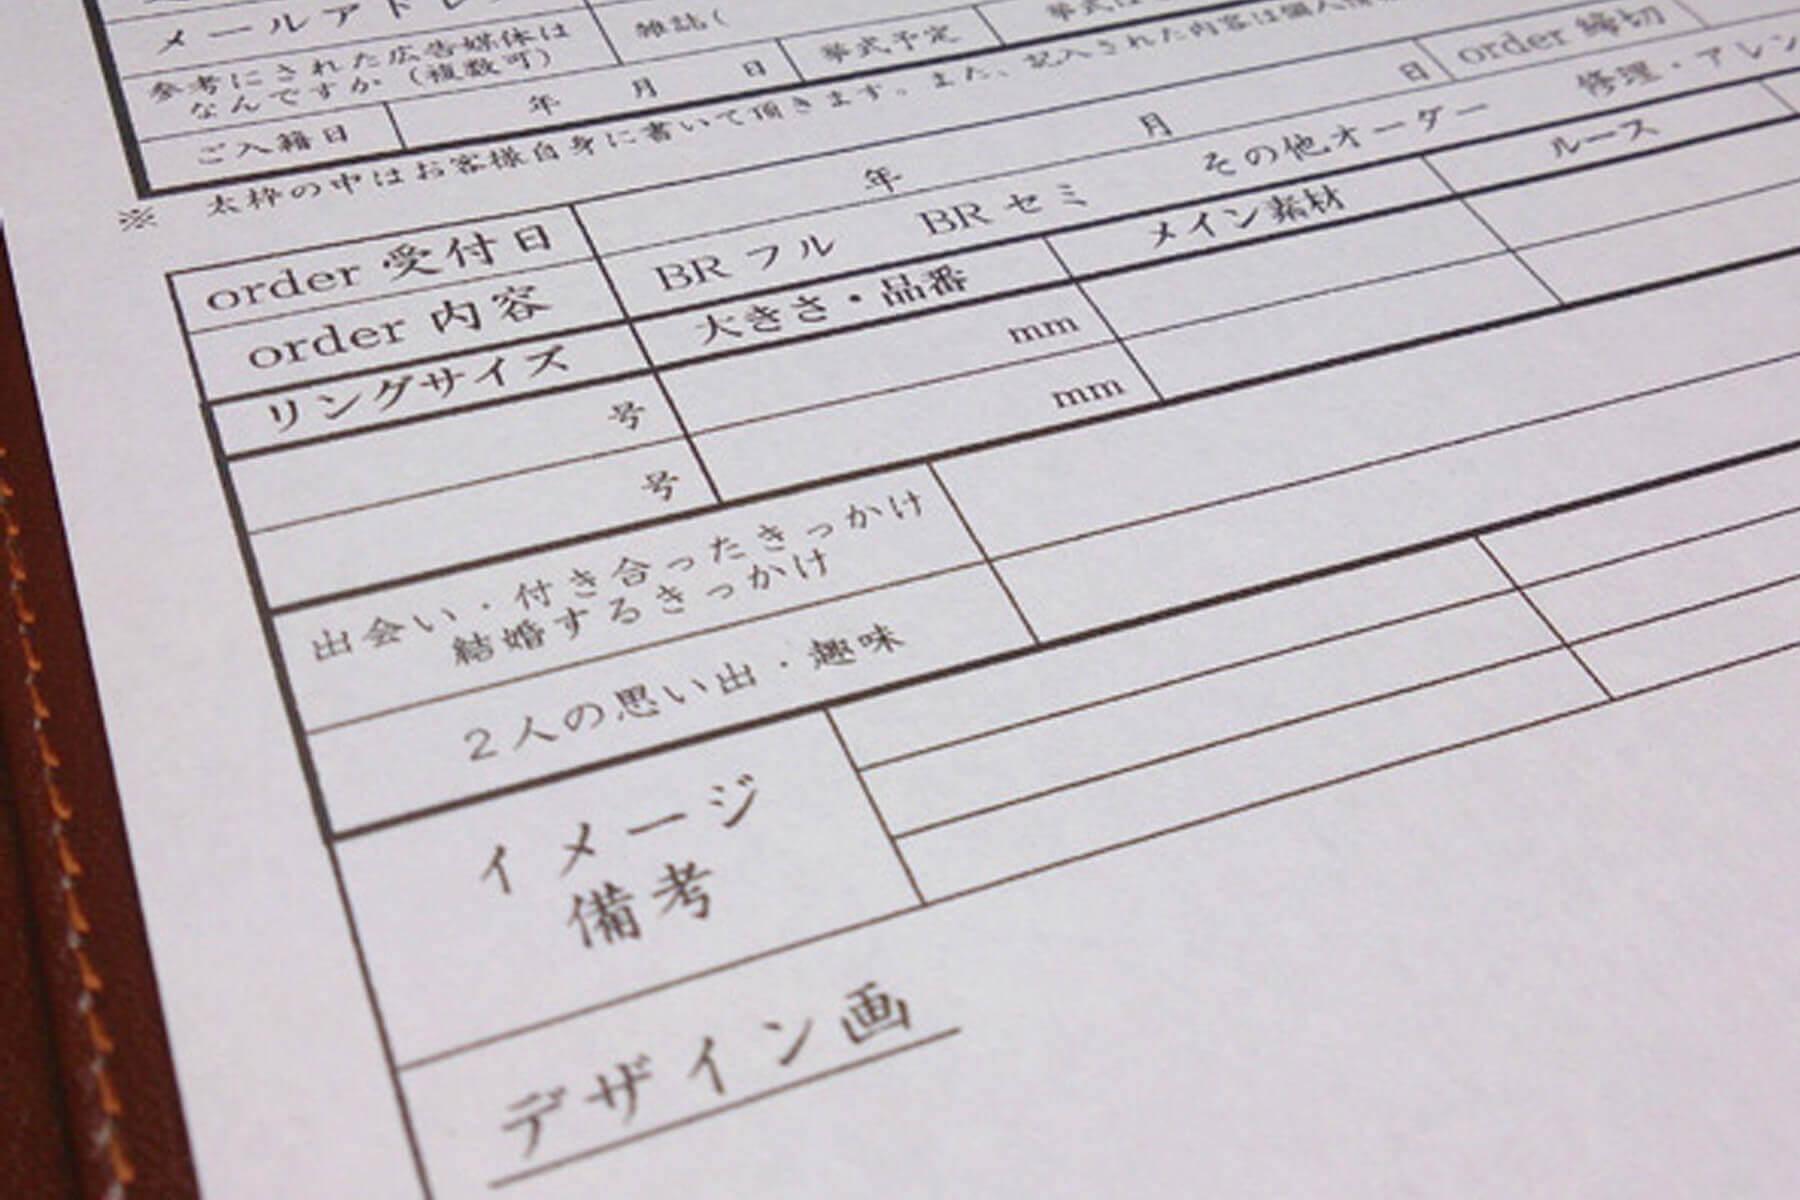 オーダーメイド・製法 | カウンセリング | かざりやゆい | 世界に一つだけの結婚指輪「kazariya Yui」 | 福島県郡山市